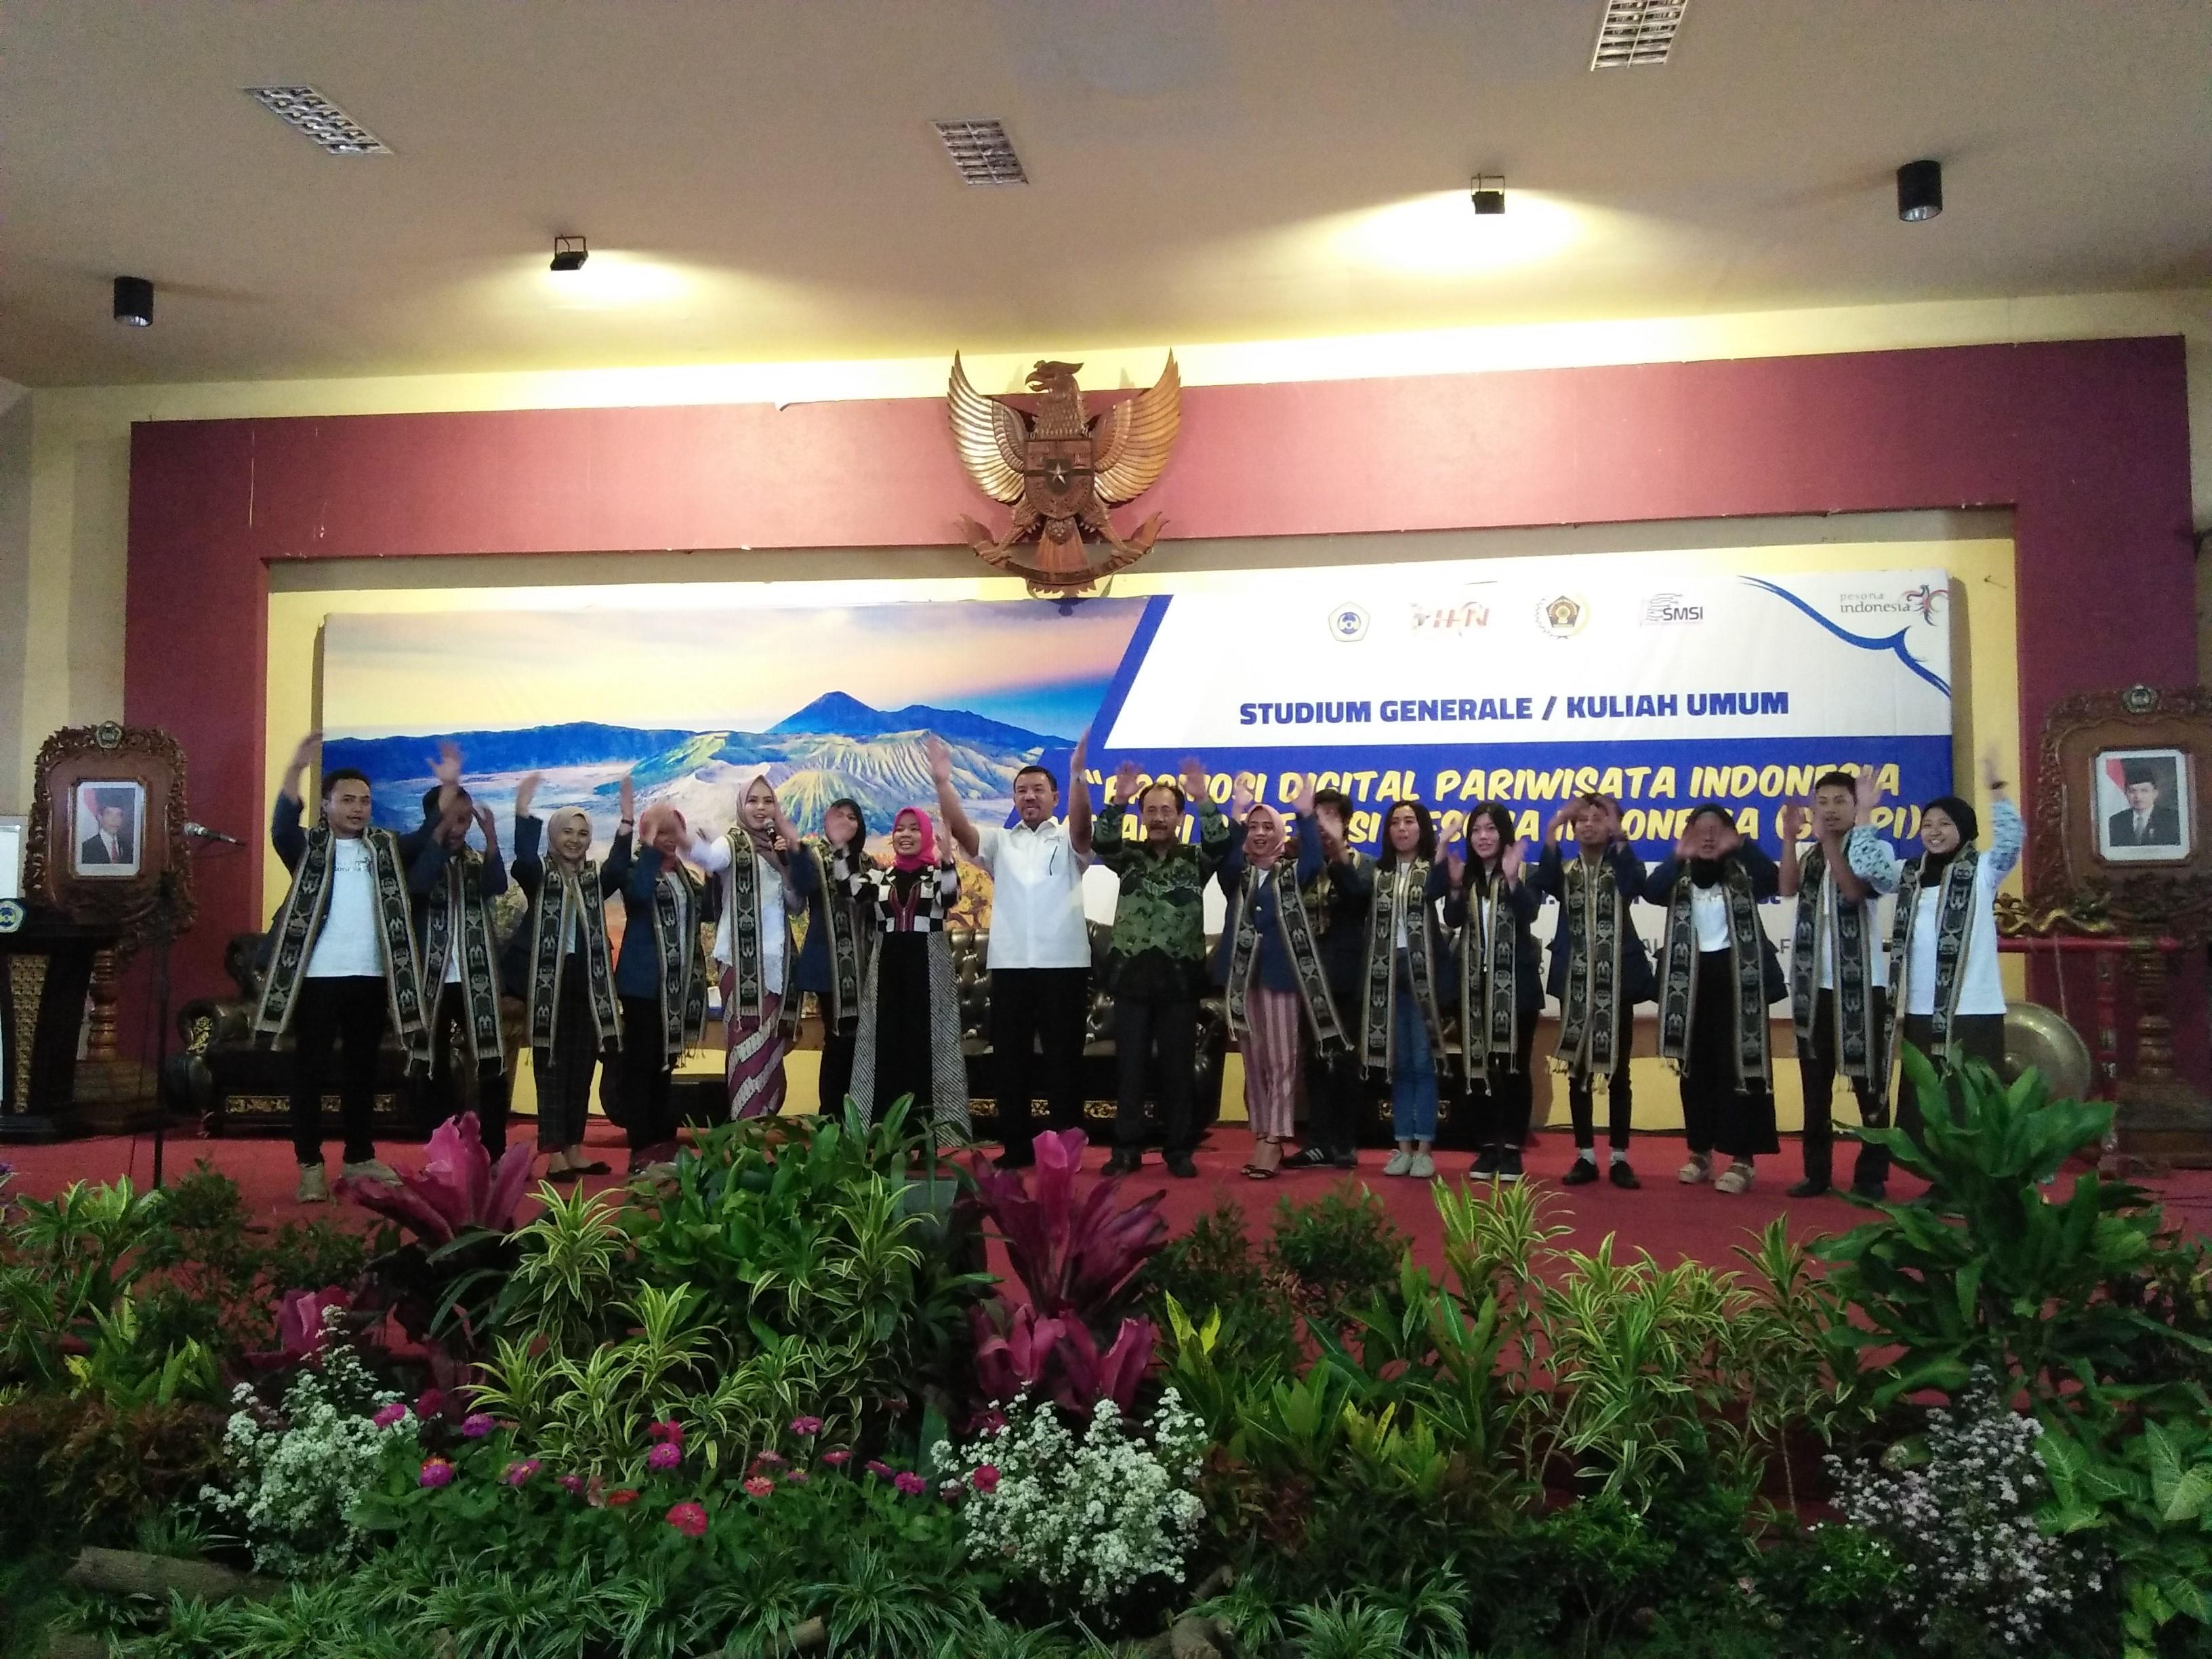 Kemenpar Bentuk GenPI untuk Promosikan Pariwisata Indonesia